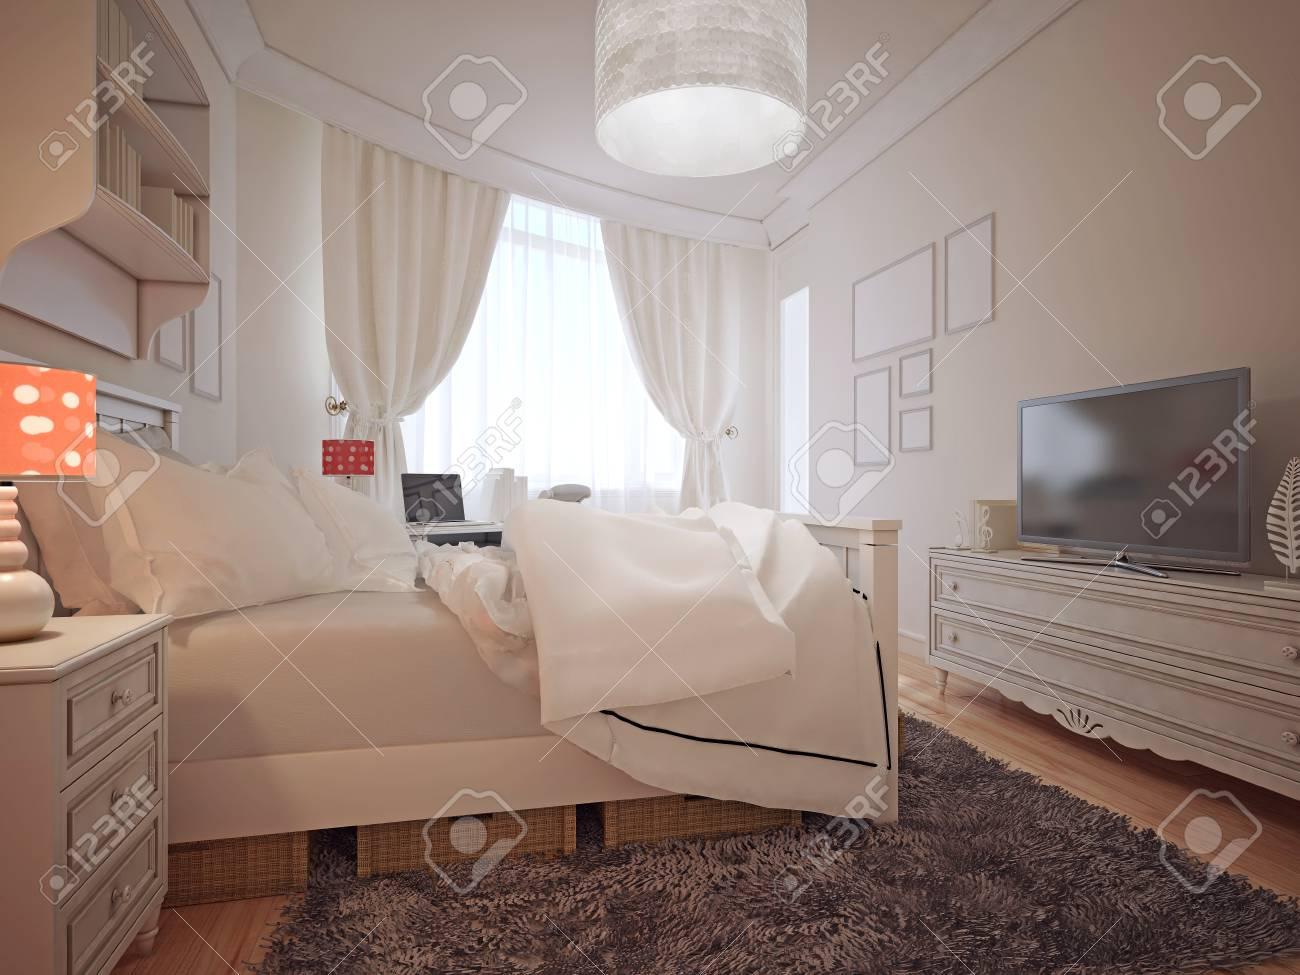 Luxus Schlafzimmer Im Mediterranen Stil. Ein Geräumiges Schlafzimmer Mit  Einem Großen Fenster Mit Luxuriösen